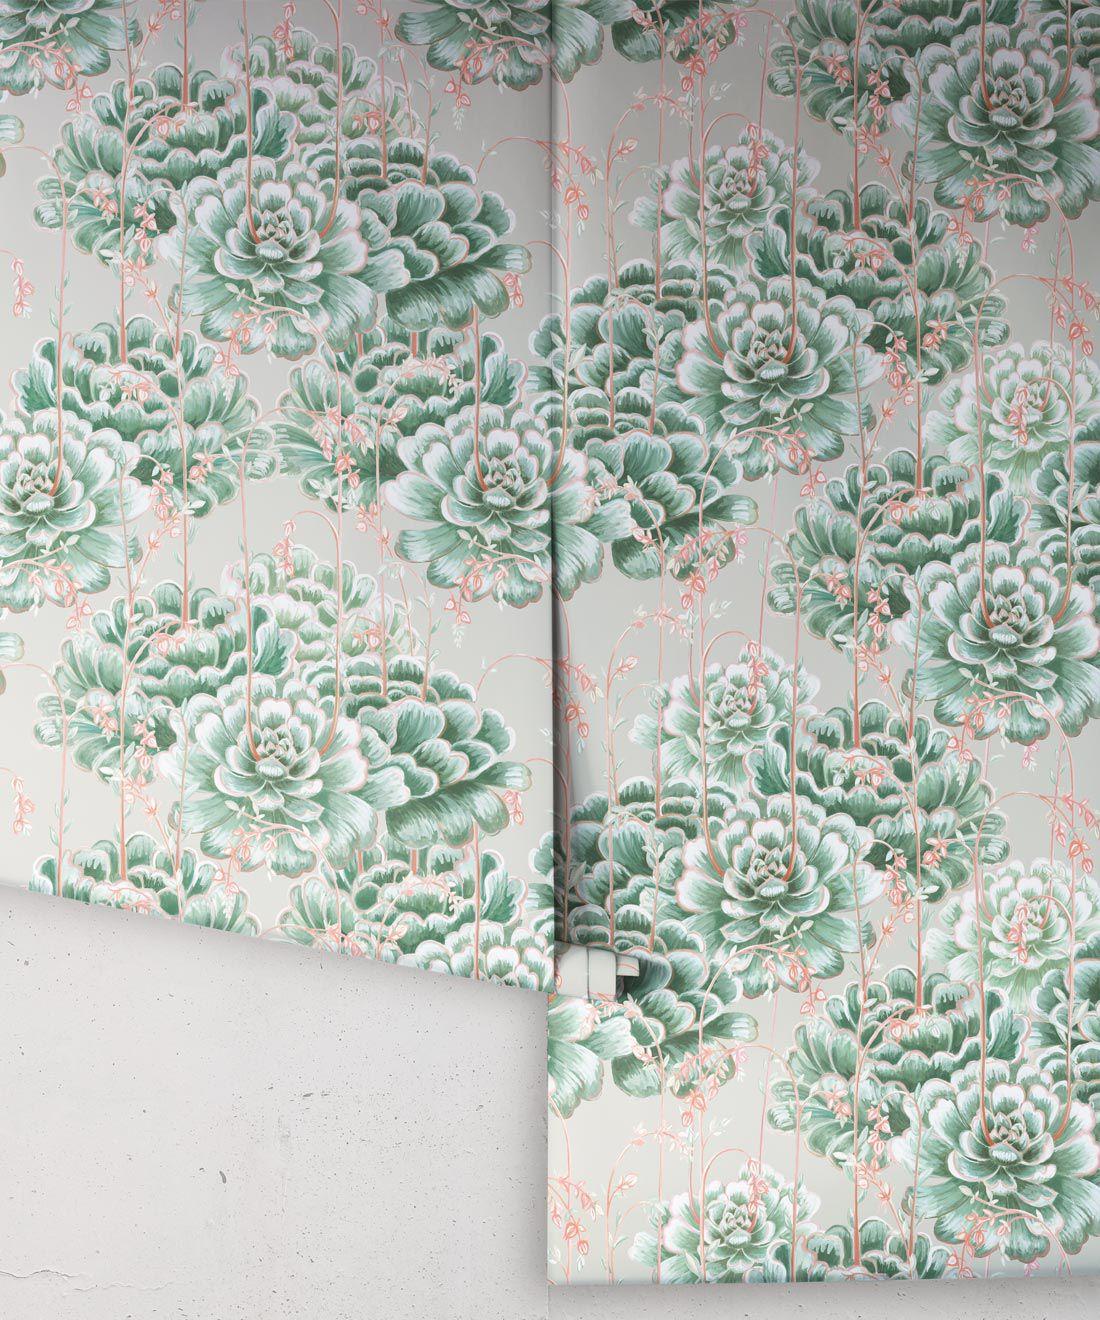 Succulents Wallpaper Green Beige • Cactus Wallpaper • Desert Wallpaper rolls on grey background